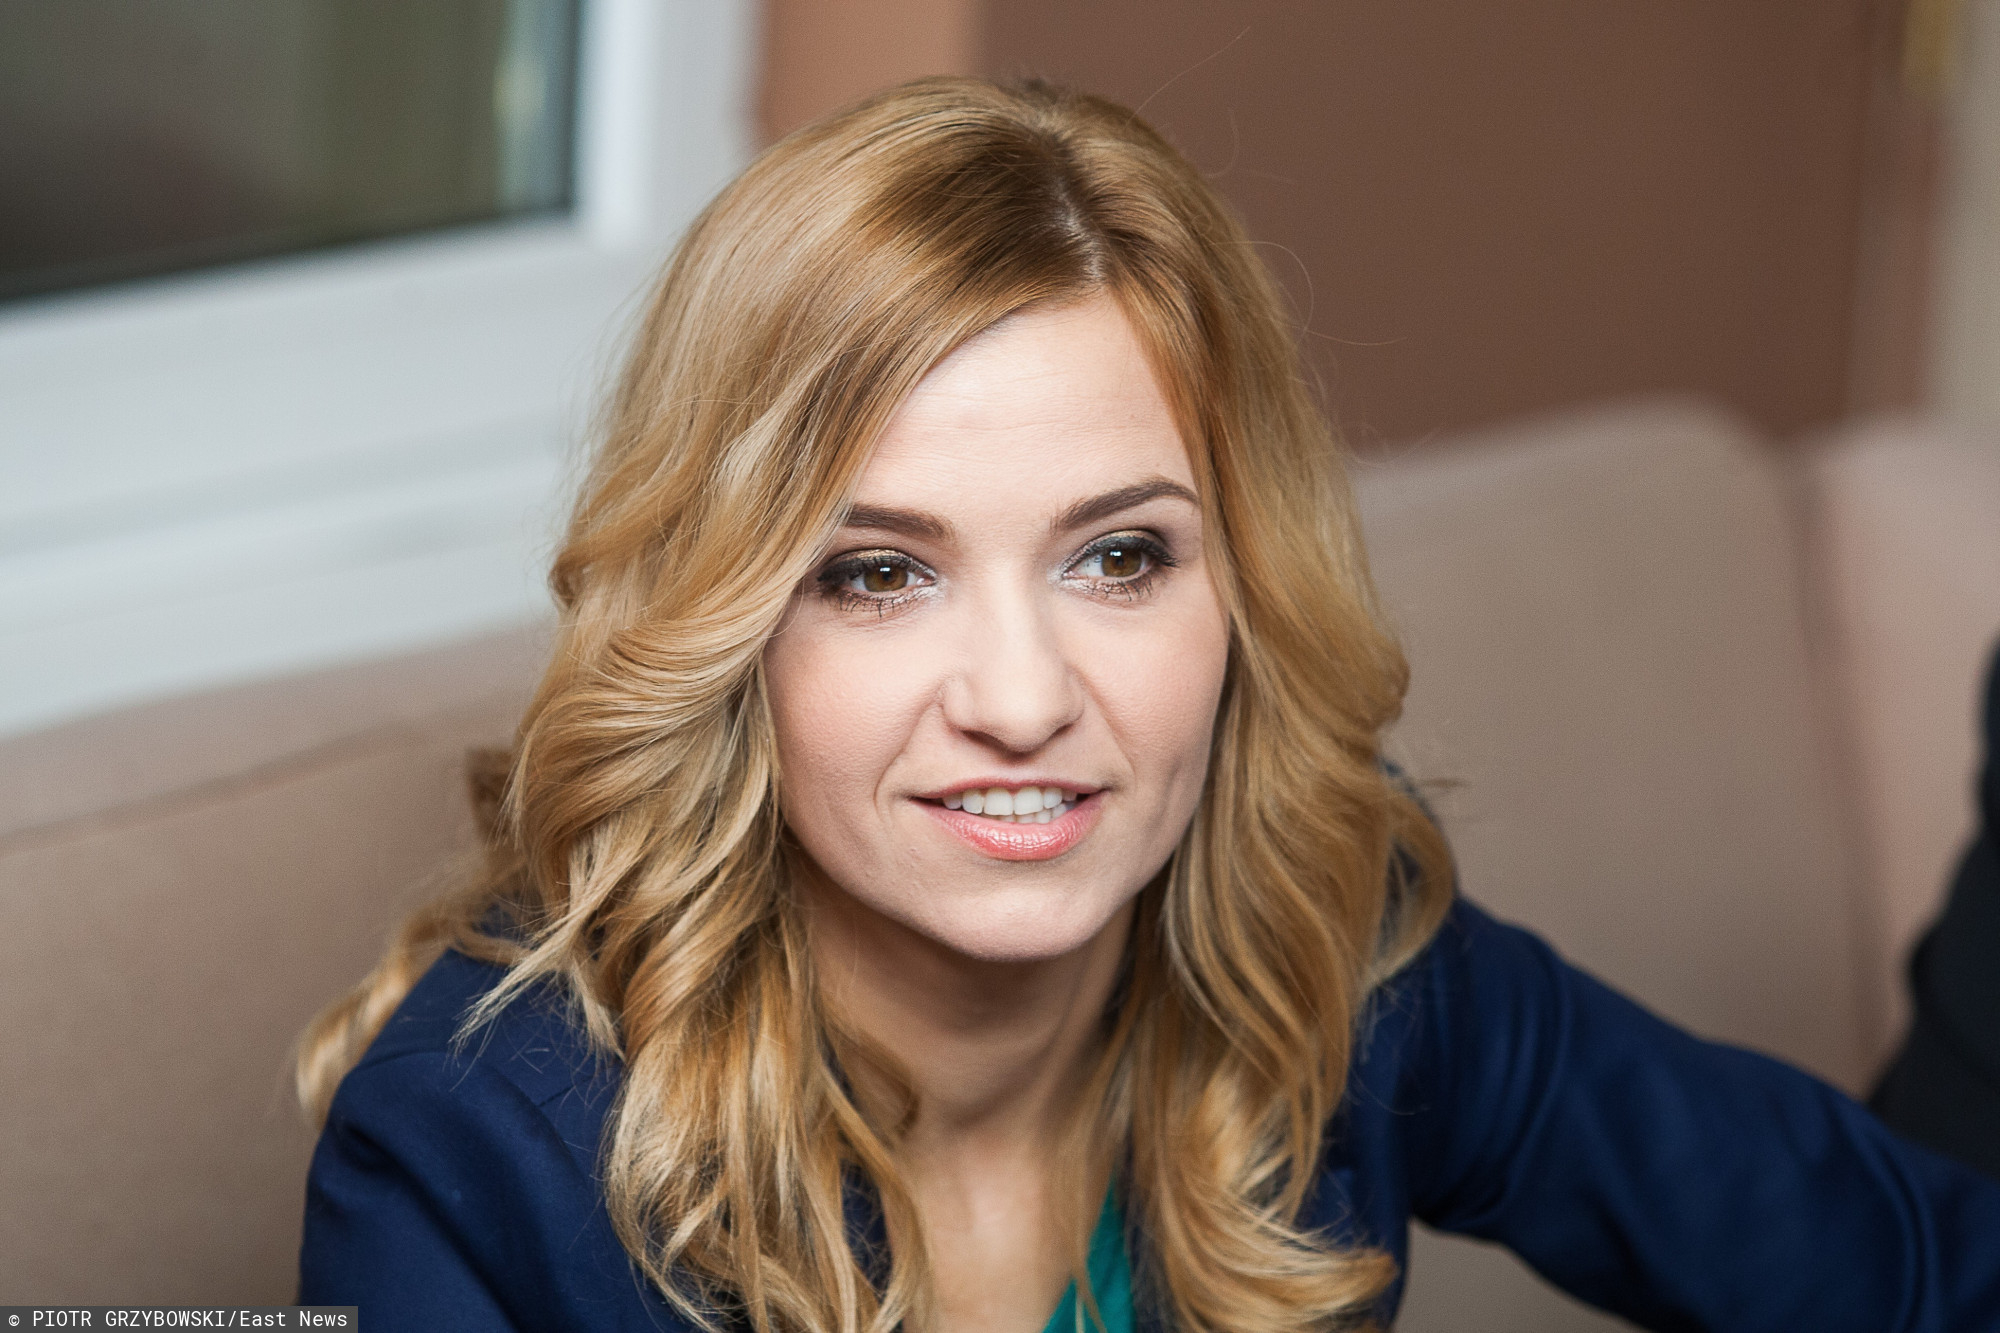 Zdjęcie Koroniewskiej, jak ją Pan Bóg stworzył, pobudziło internautów. Podpis fotografii zdradza całą prawdę